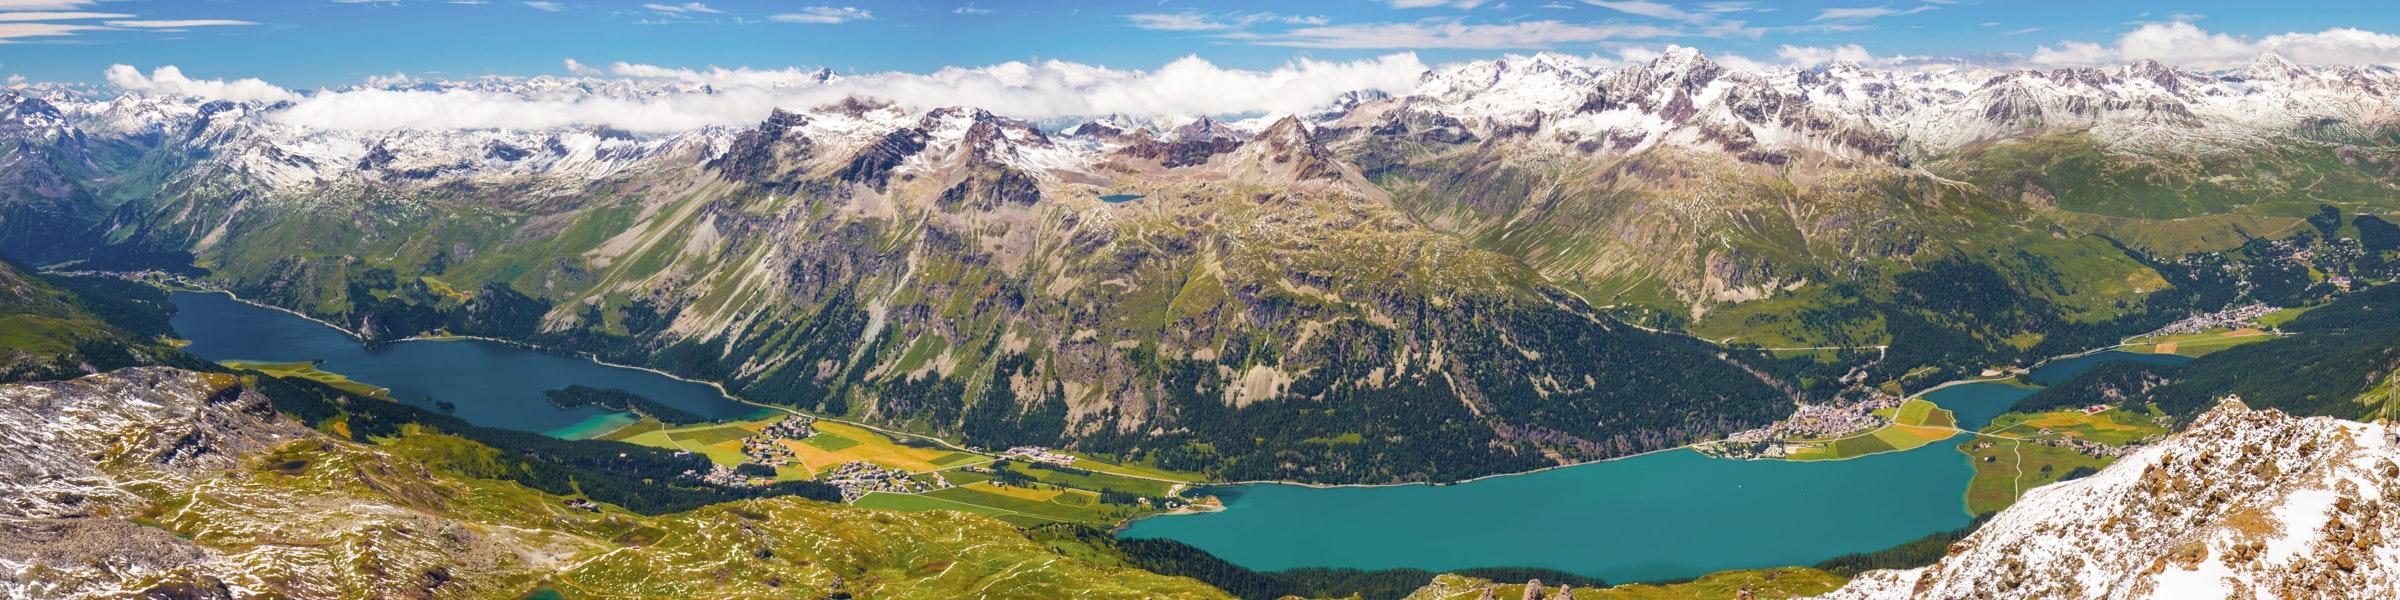 Uitzicht vanuit Murtèl op de Corvatsch